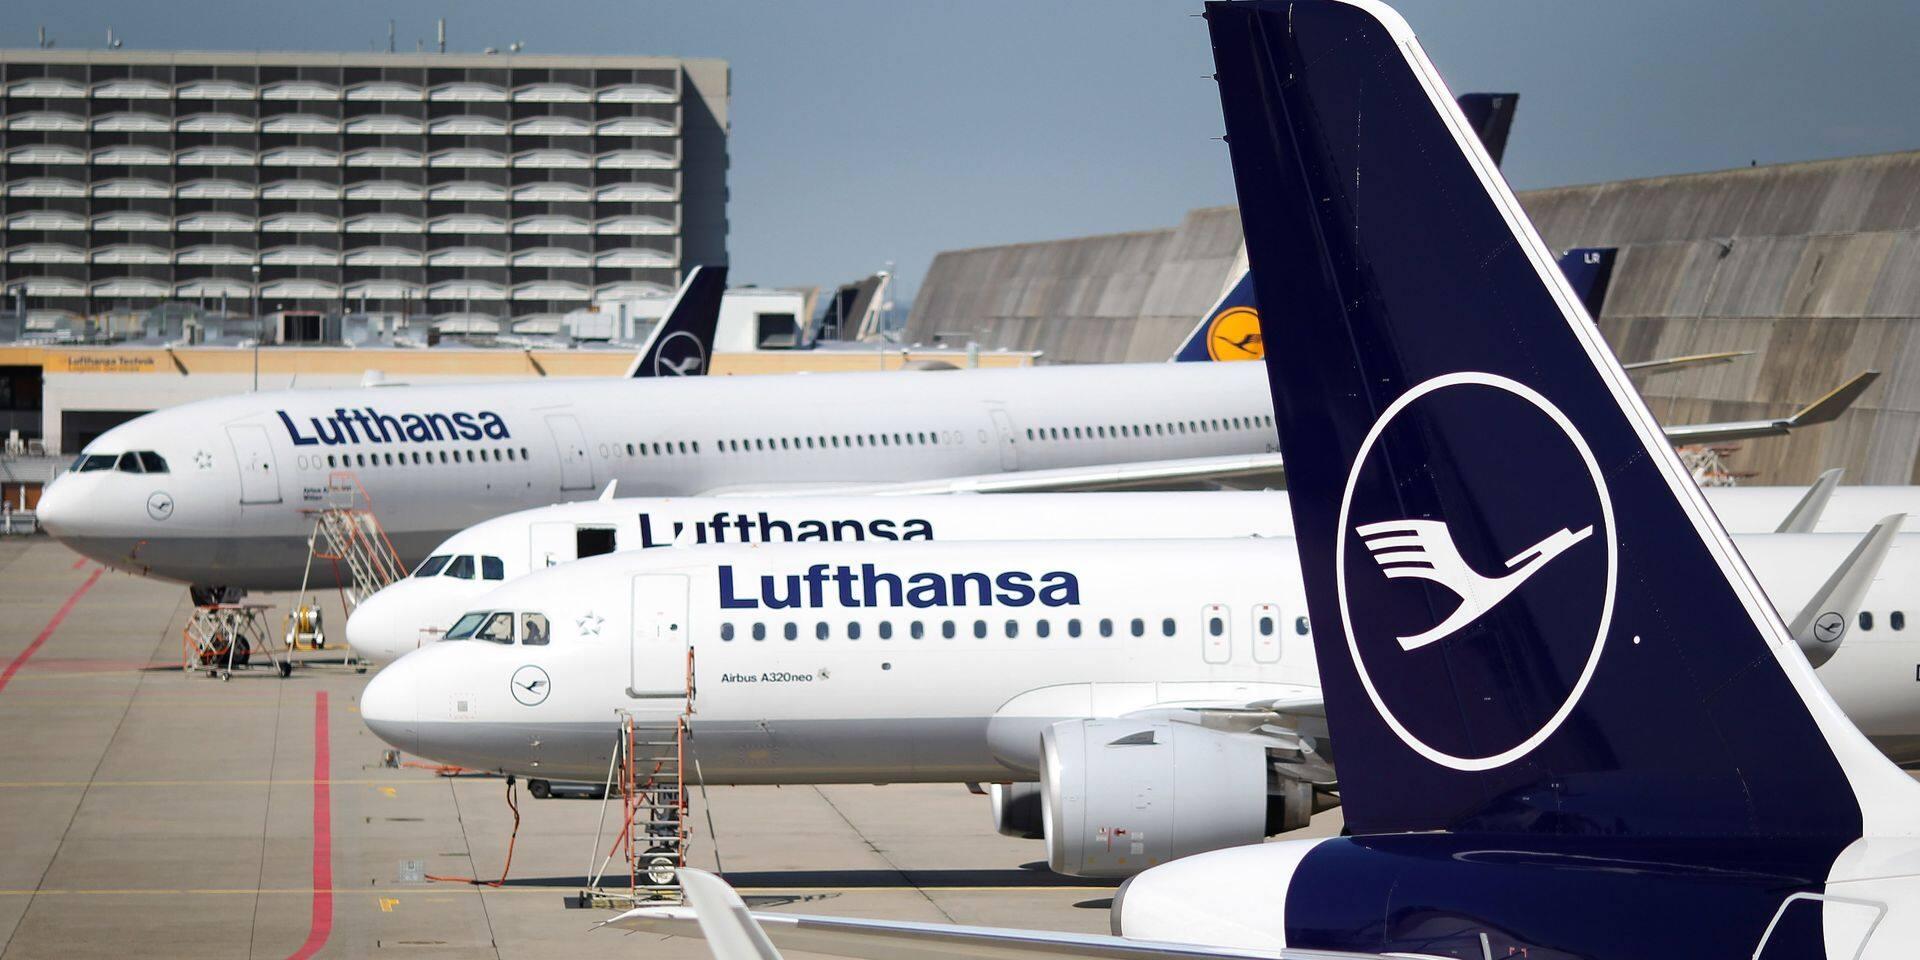 Lufthansa annonce des coupes dans certaines fonctions administratives et de direction : 1000 emplois supprimés